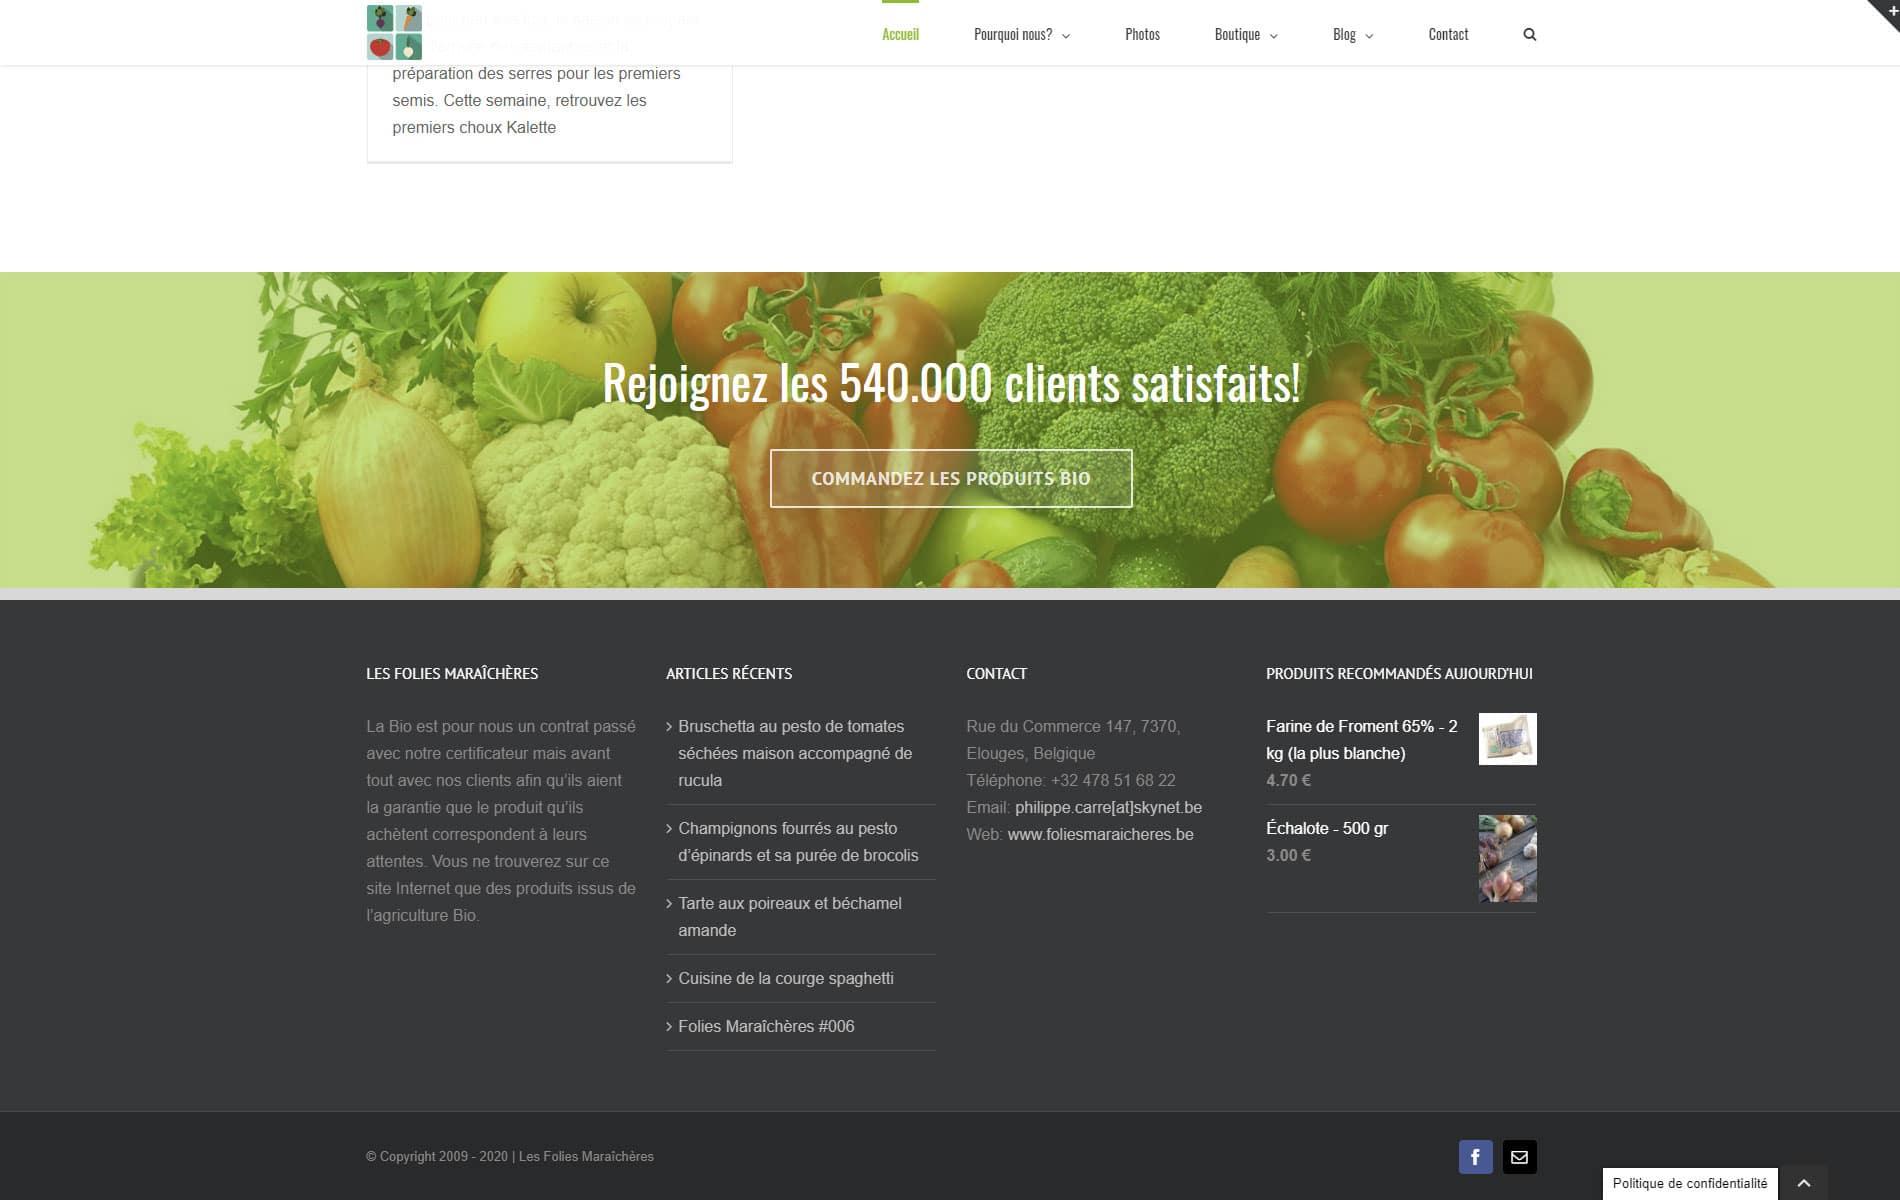 Les Folies Maraîchères - de Paniers de Fruits et Légumes Bio